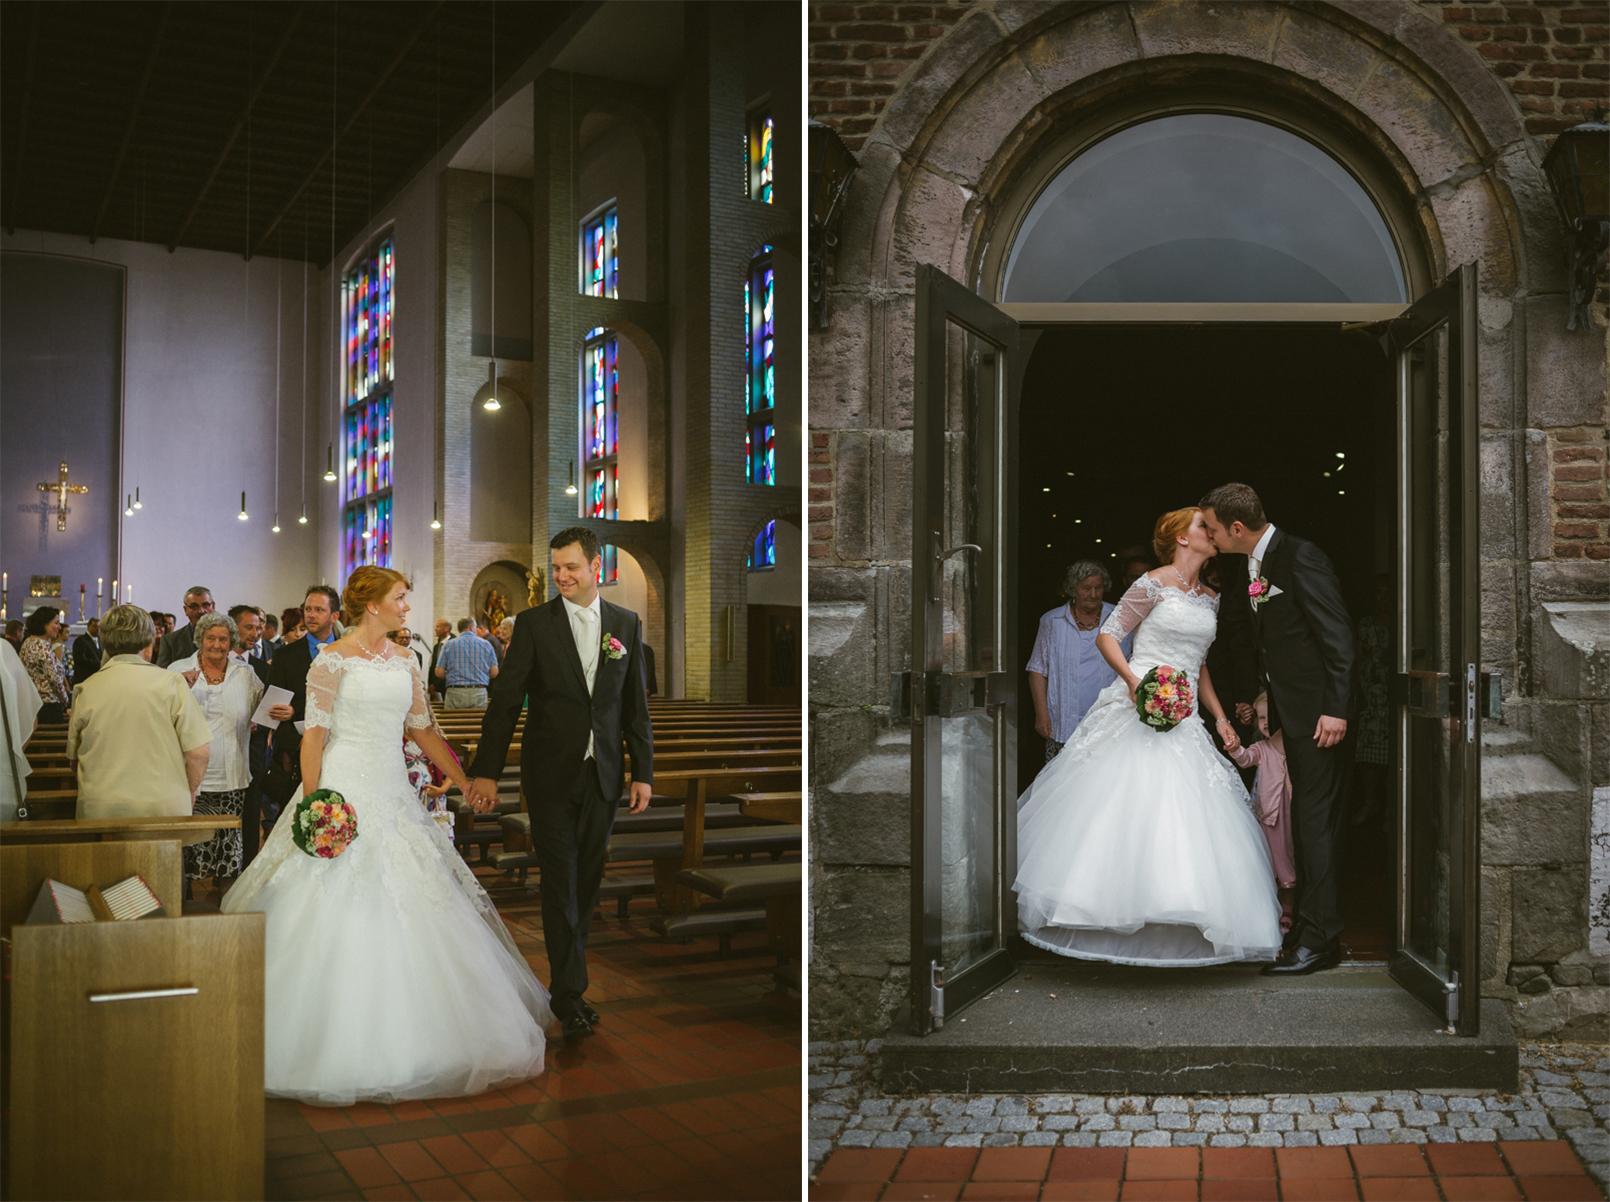 Hochzeitsfotograf-Baesweiler-Aachen-Dreamcatcher-Photography-0012